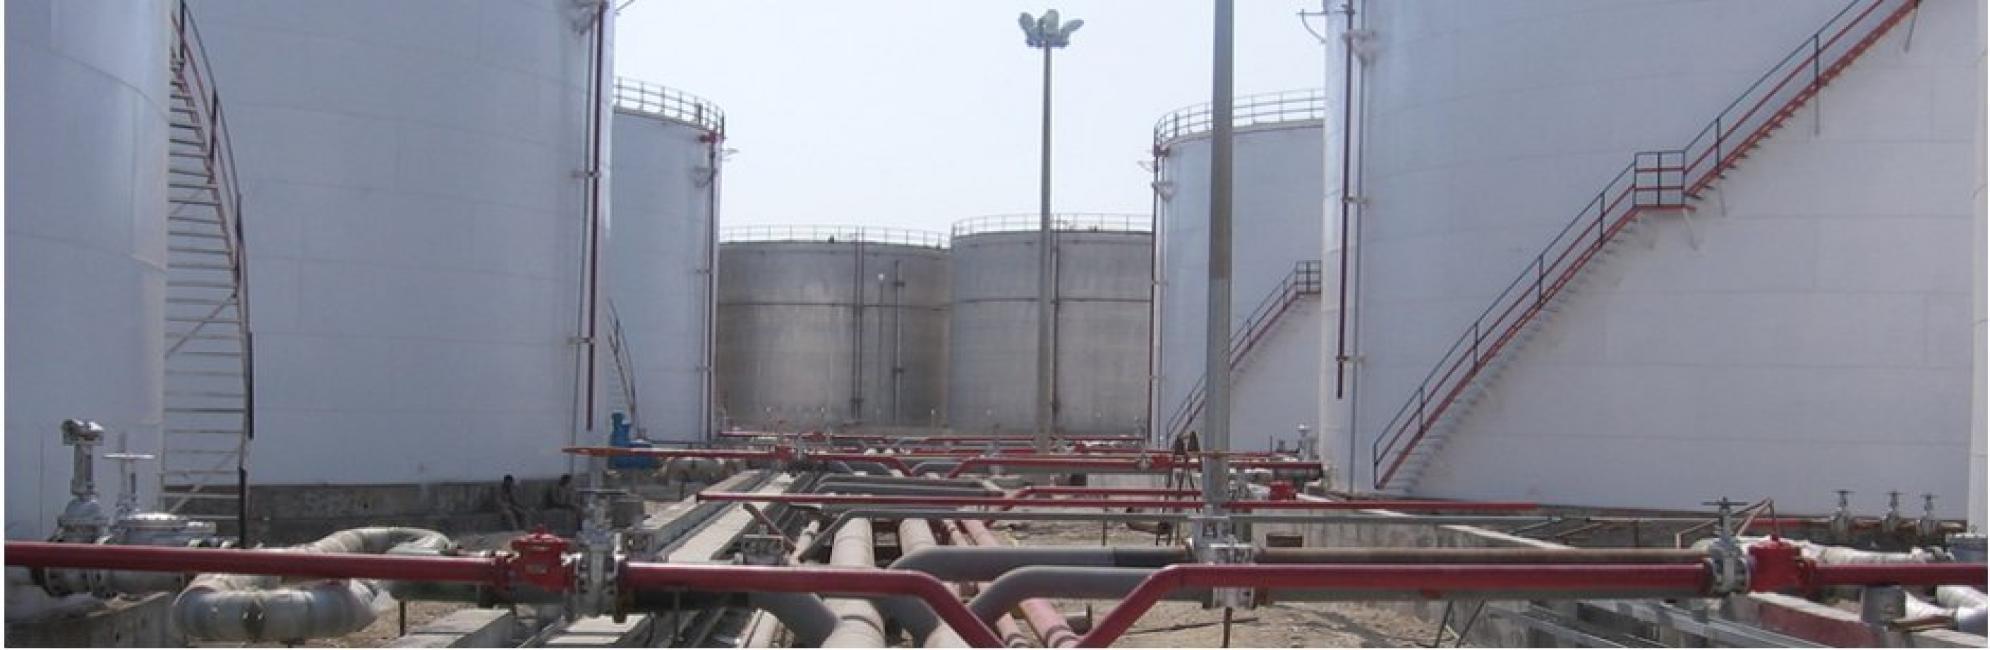 پروژه احداث انبار ذخیره سازی و صدور فرآورده های نفتی  واقع در بندر خلیج فارس